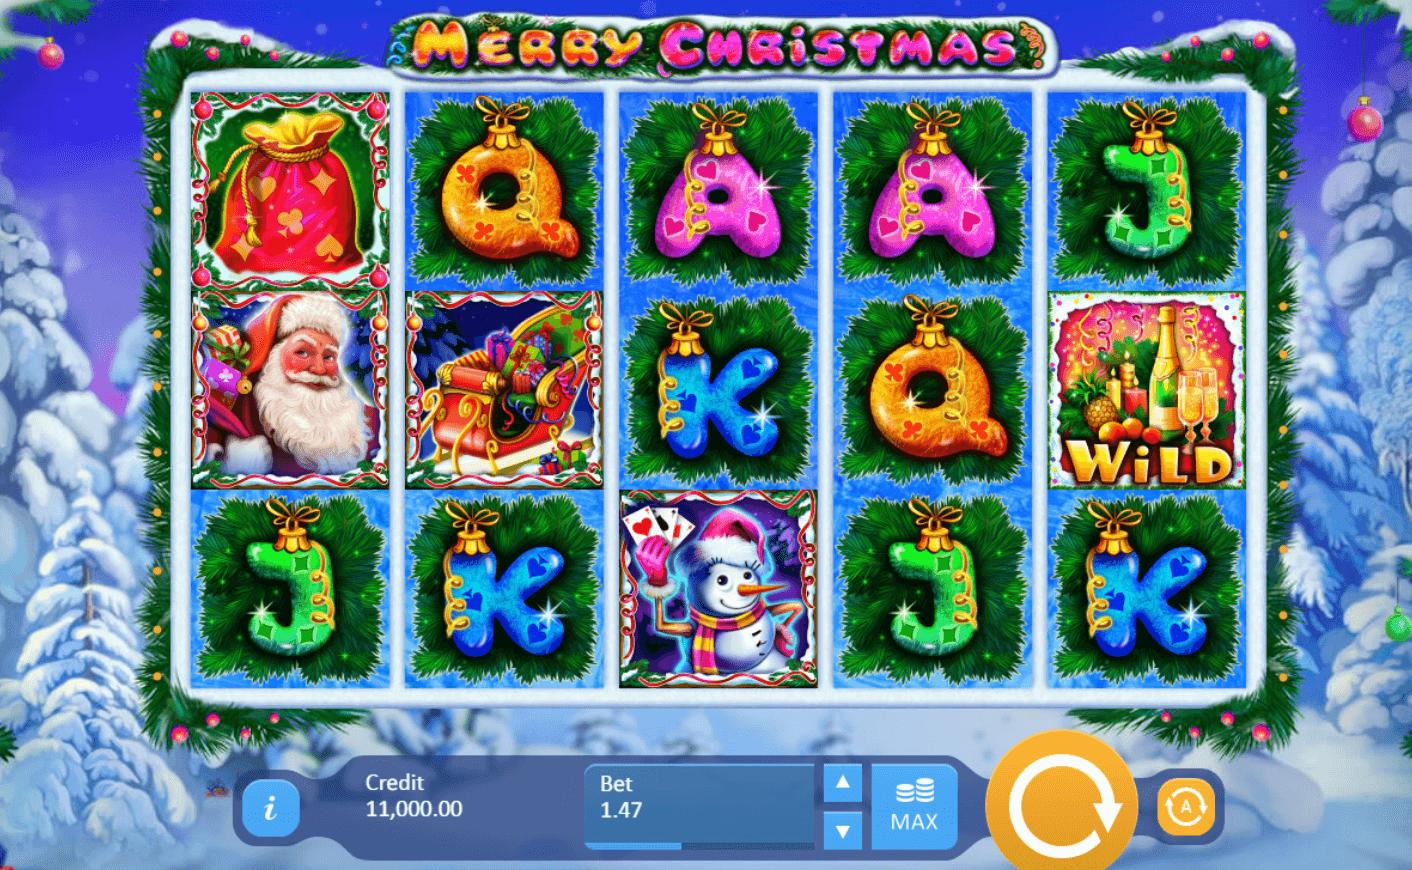 Деньги онлайн игровой автомат marry christmas update ставках